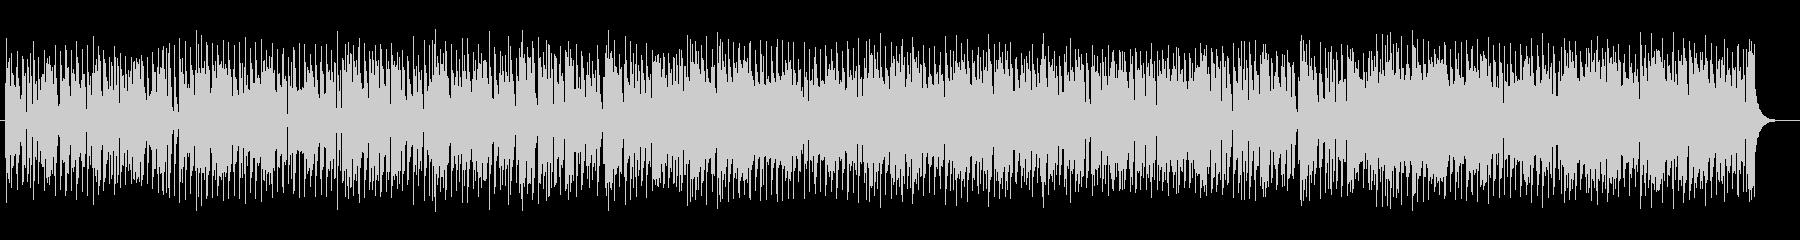 明るいフルート中心のマーチの未再生の波形